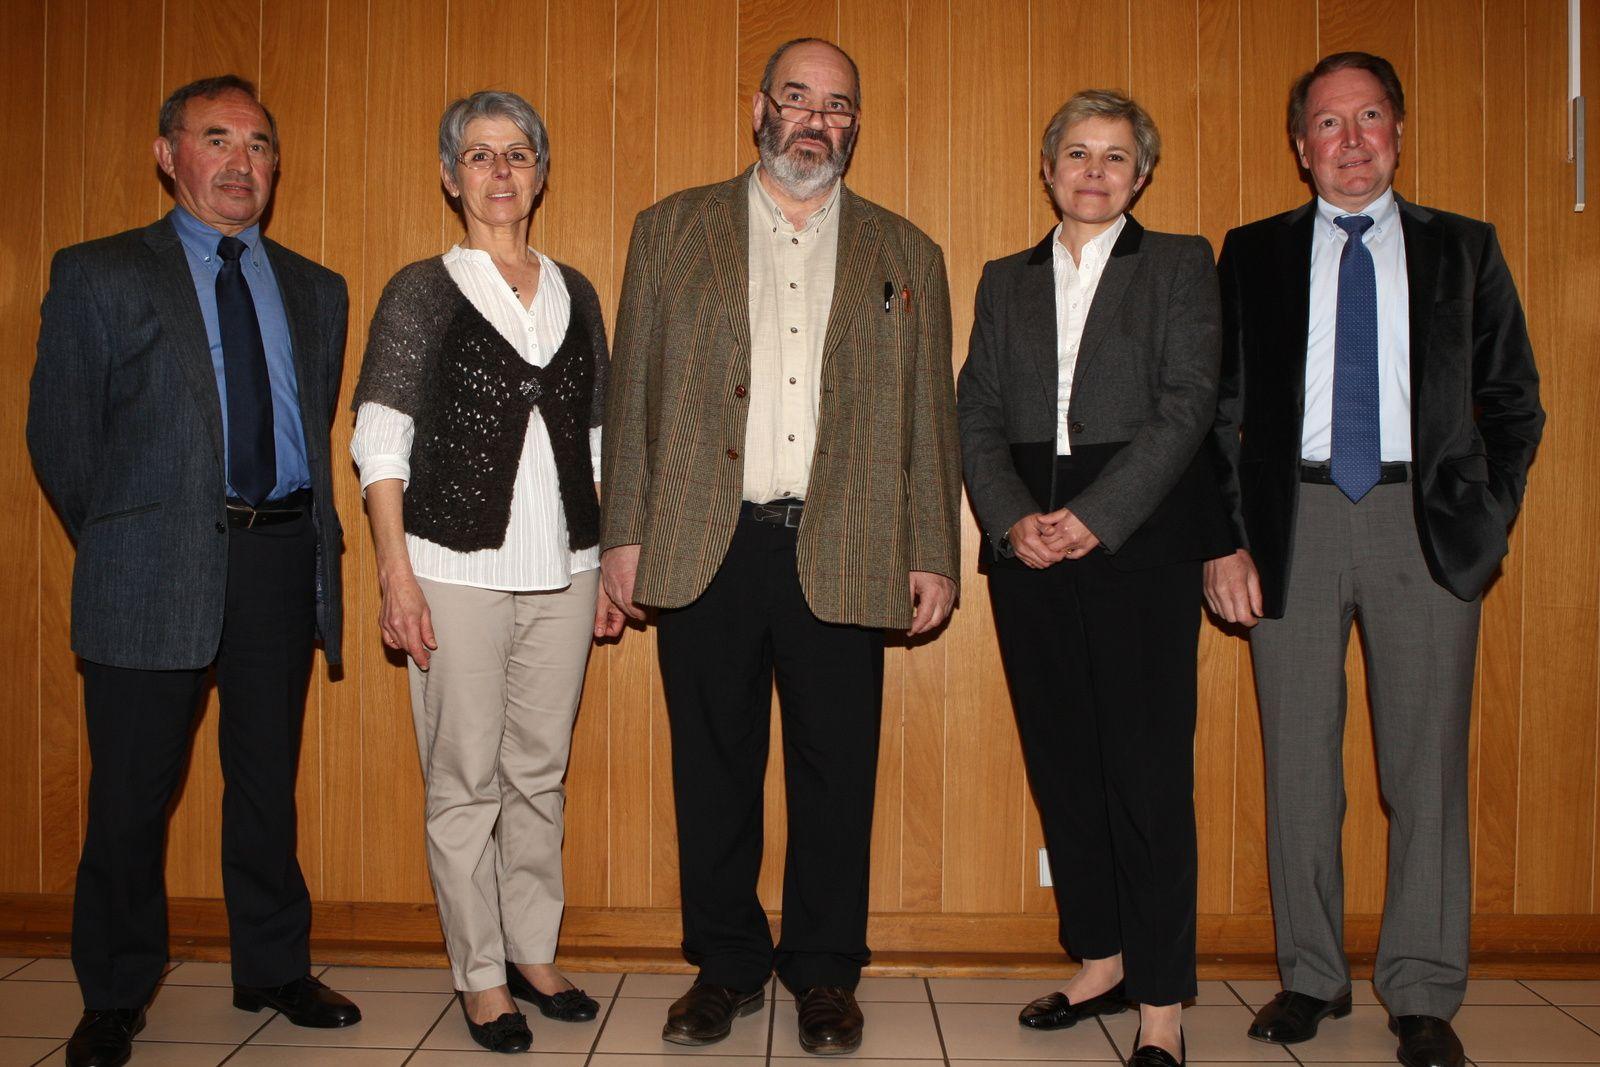 De gauche à droite : Joël Champion, Joëlle Derais, Jean Paul Boudet, Marie France Grohando, Gérard Legret